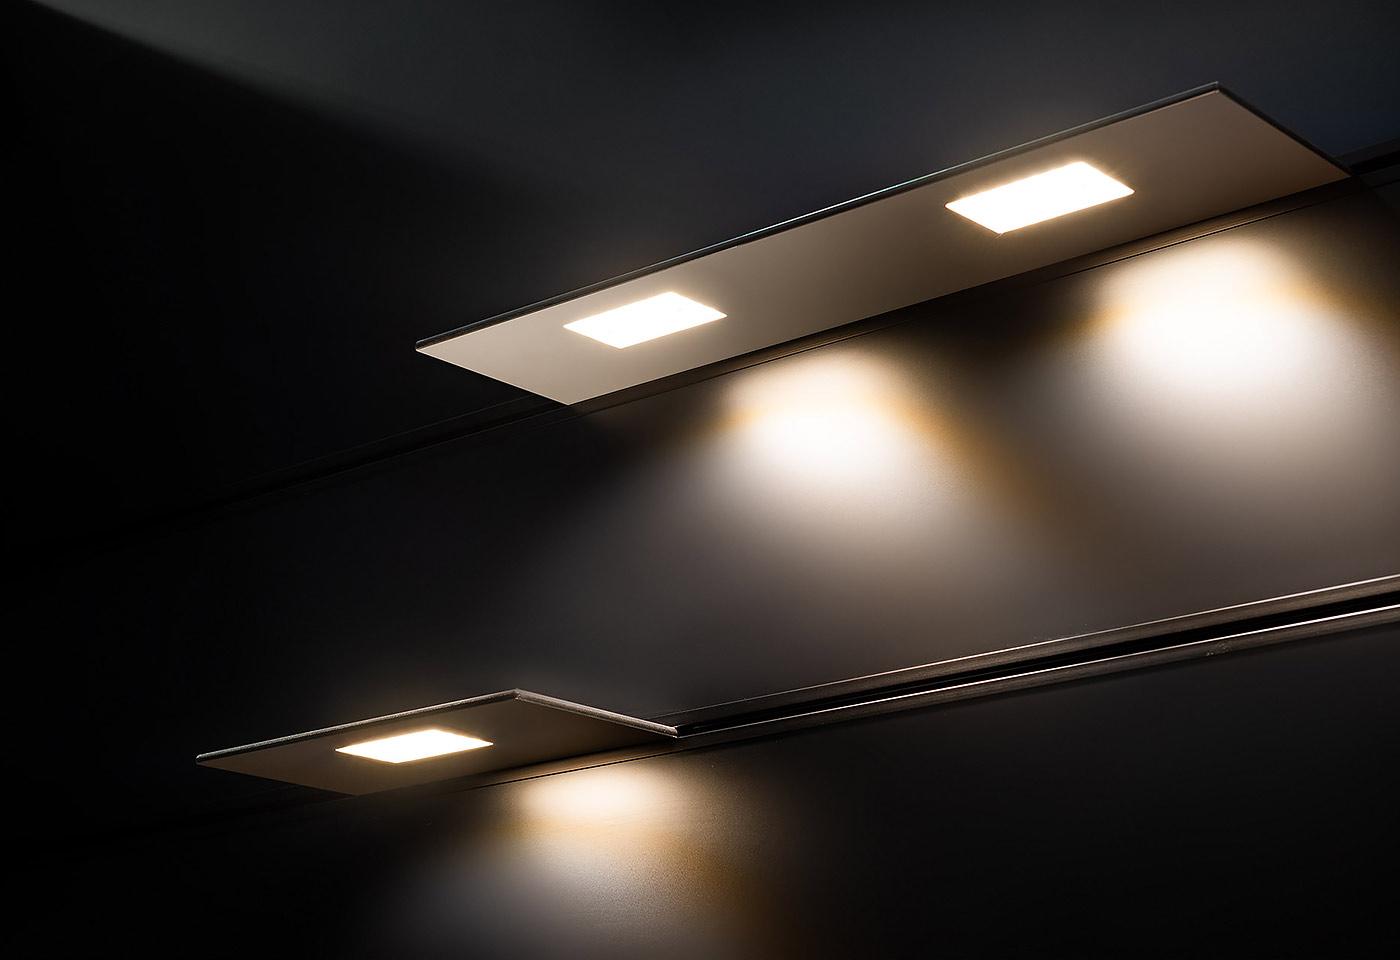 LED-integrierte Leuchttablare dienen als Wandverkleidung. Die Tablare erzeugen Licht nach oben und nach unten. Dabei sind die Regalbretter positionslos verschiebbar.